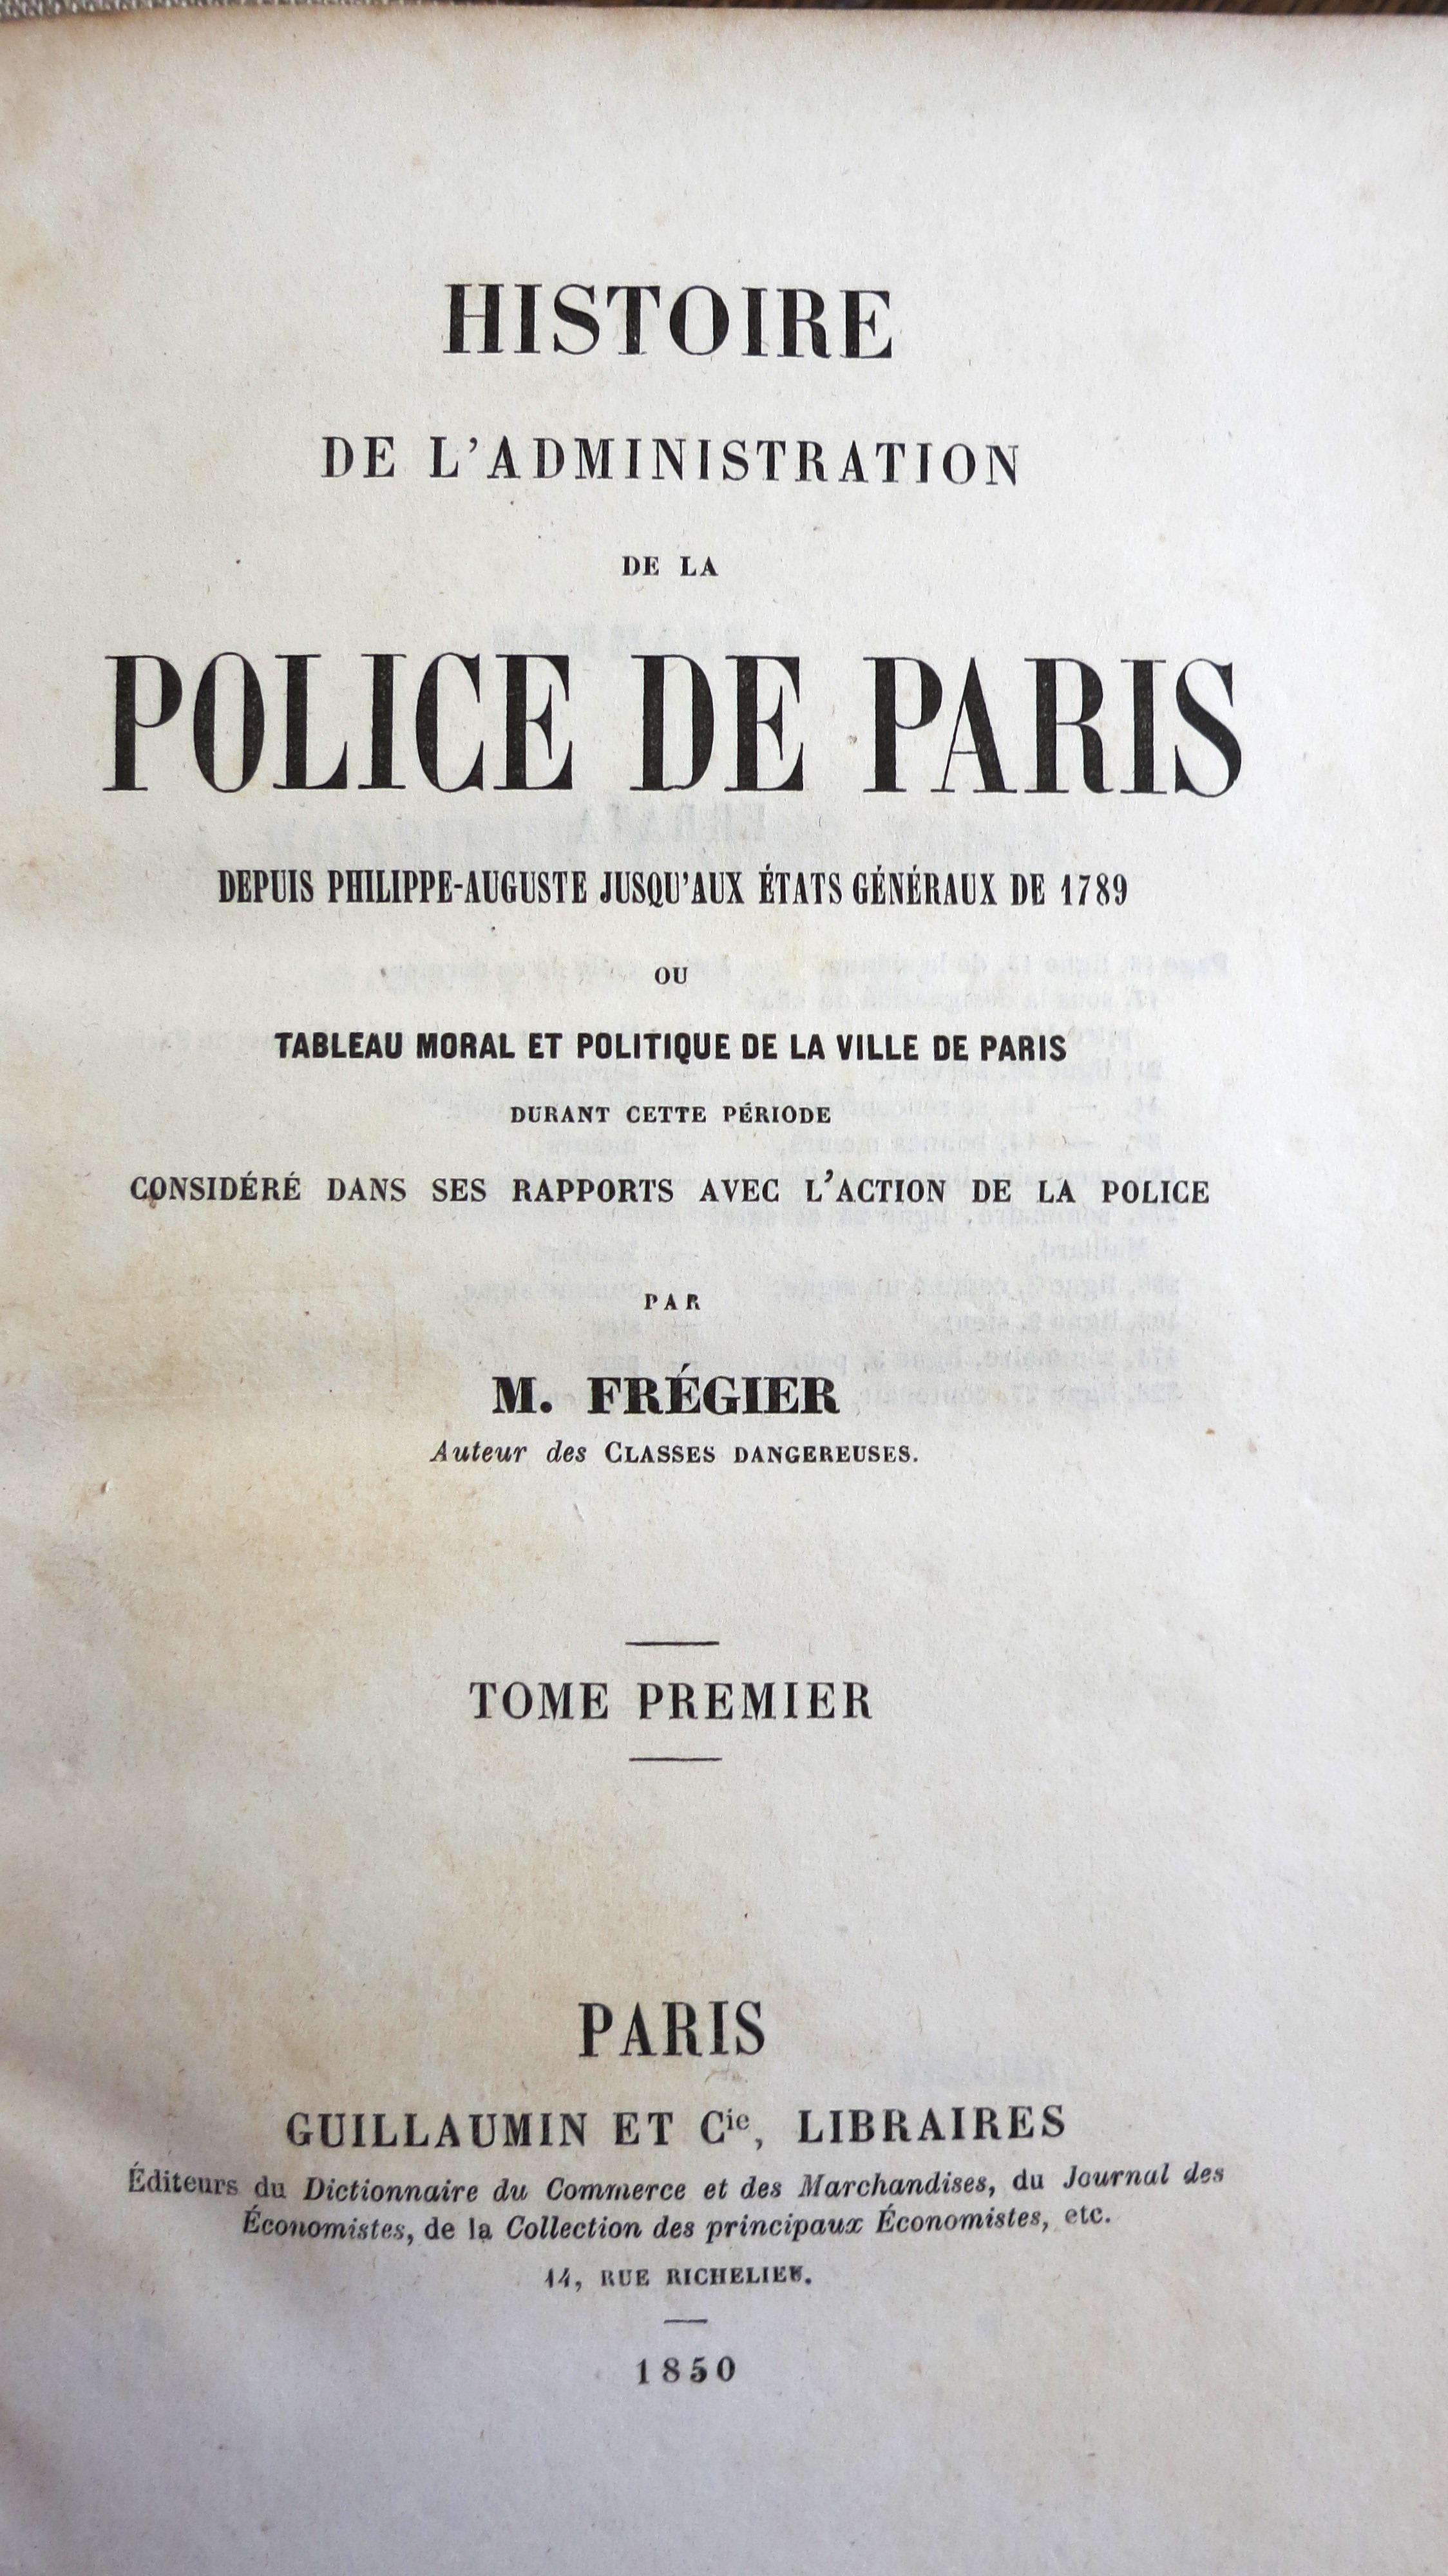 Histoire de l'administration de la police de Paris